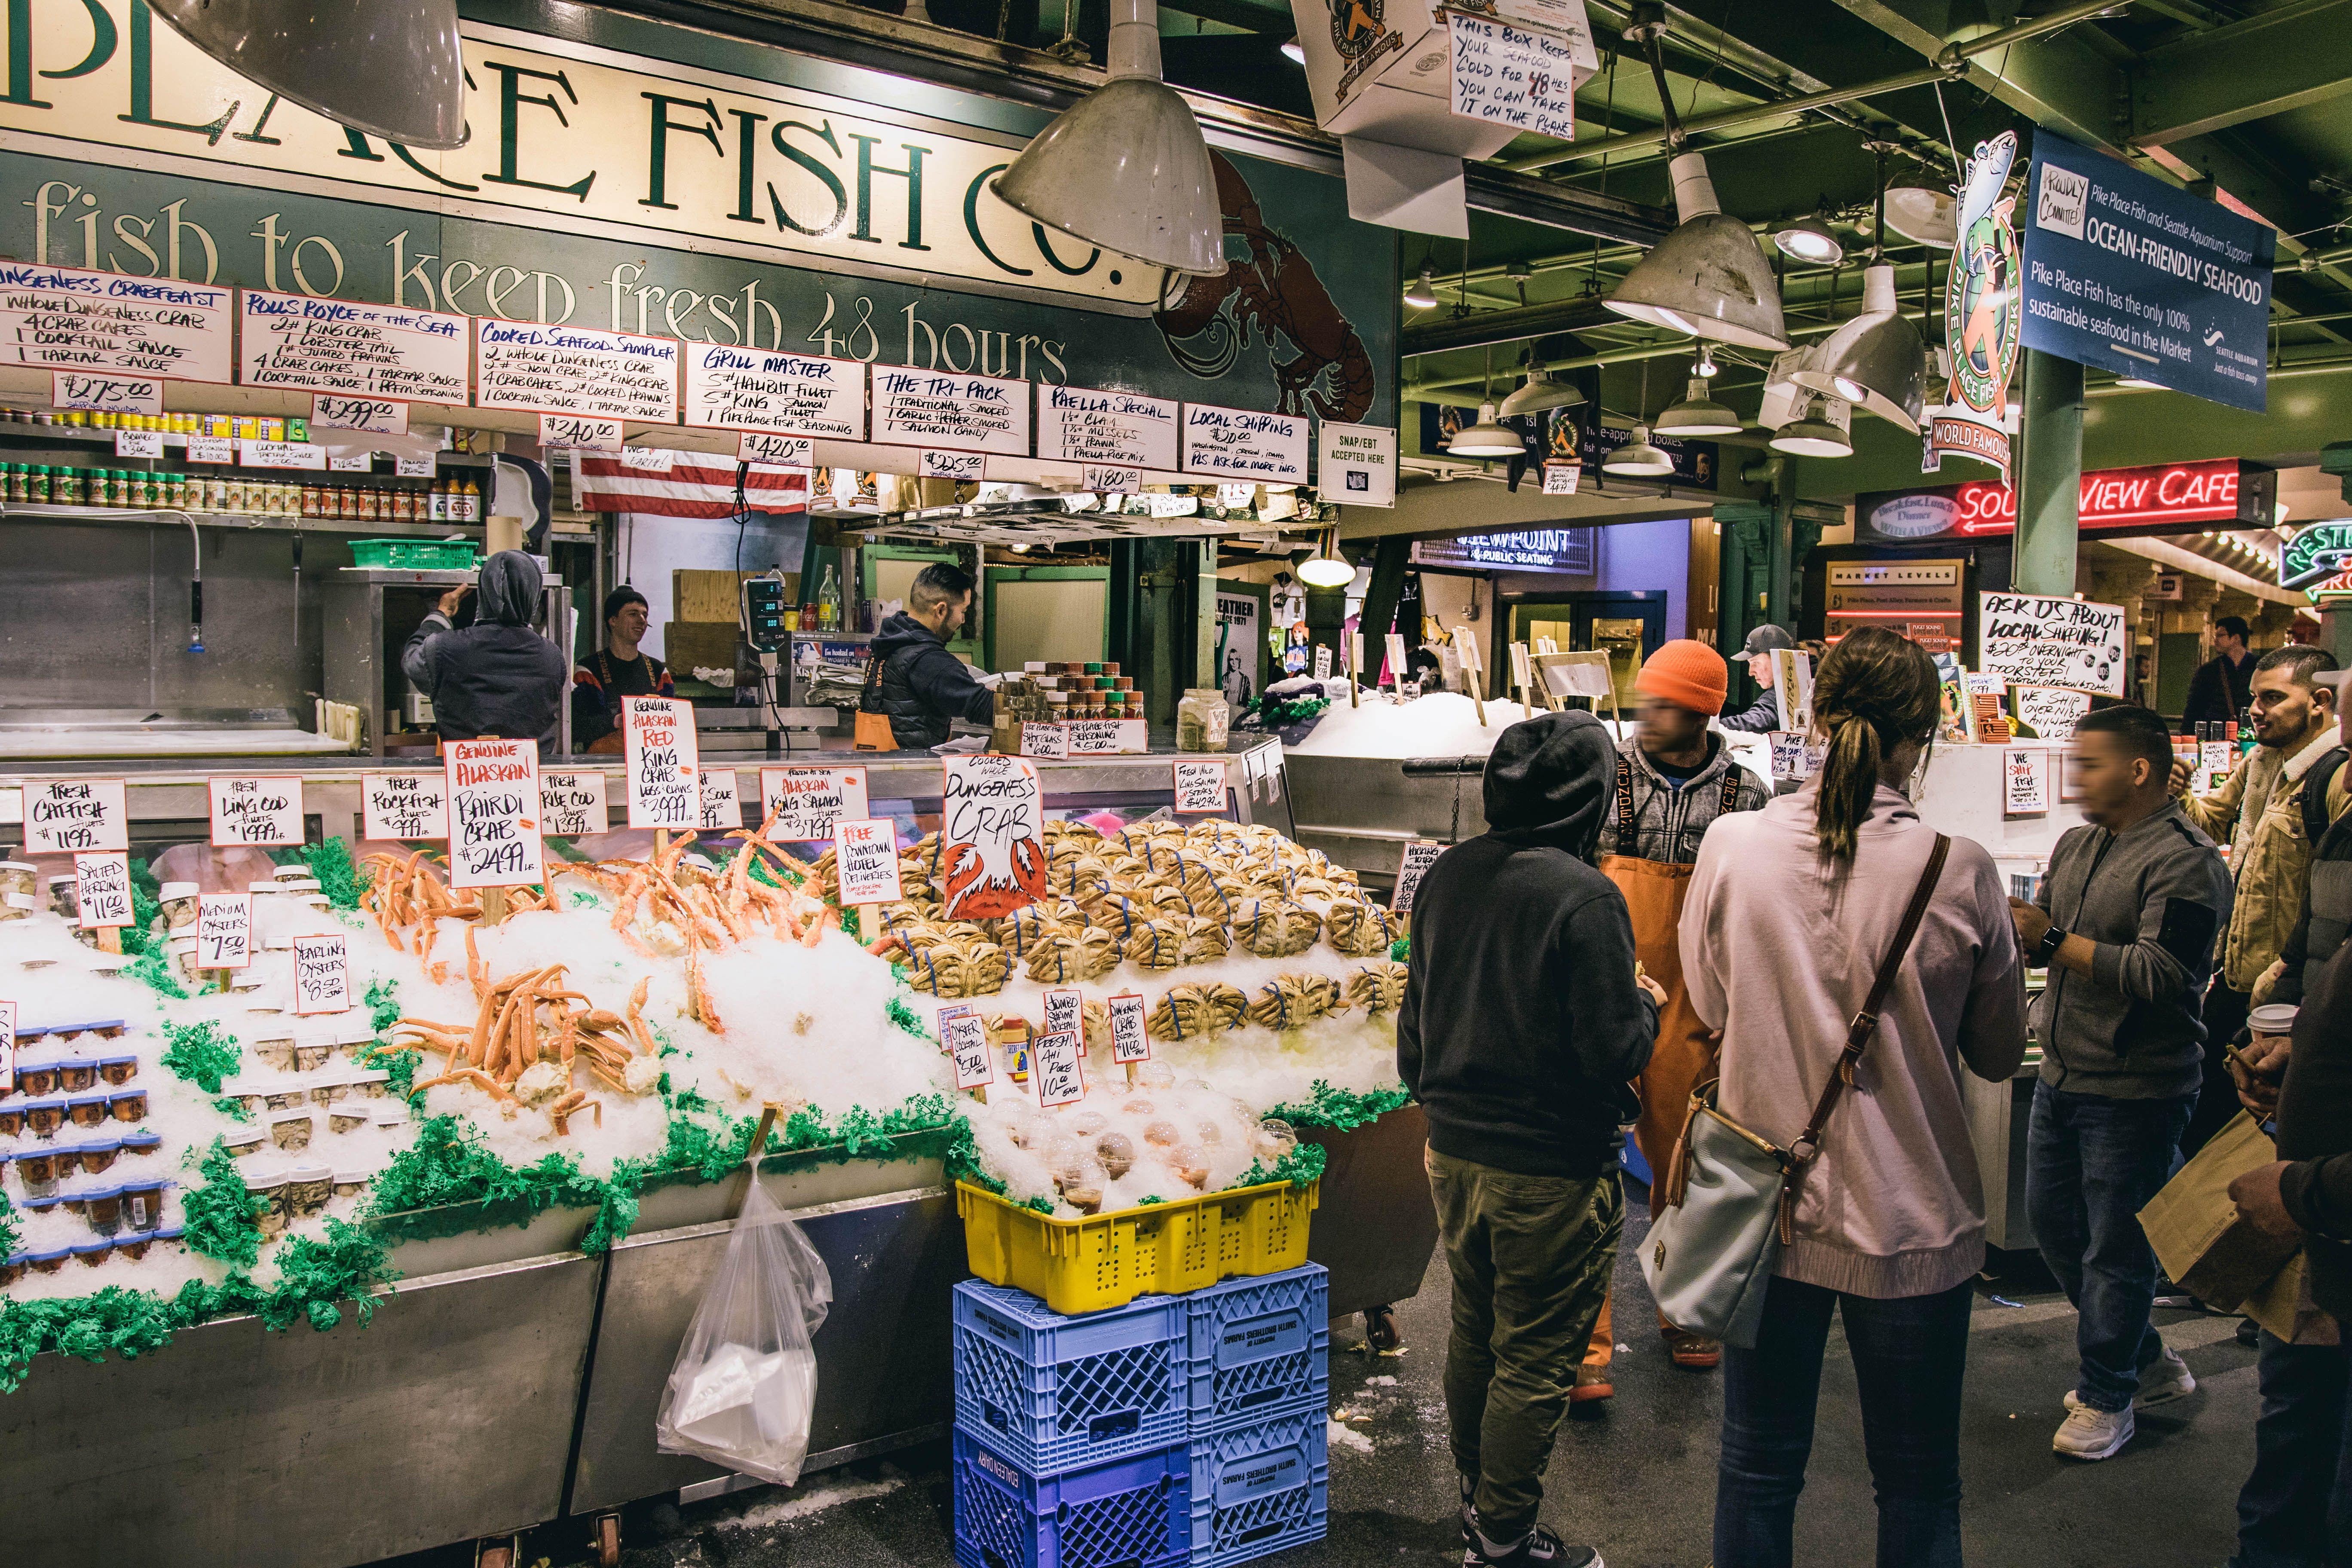 Gente comprando en un puesto de pescado en el mercado de Pike Place